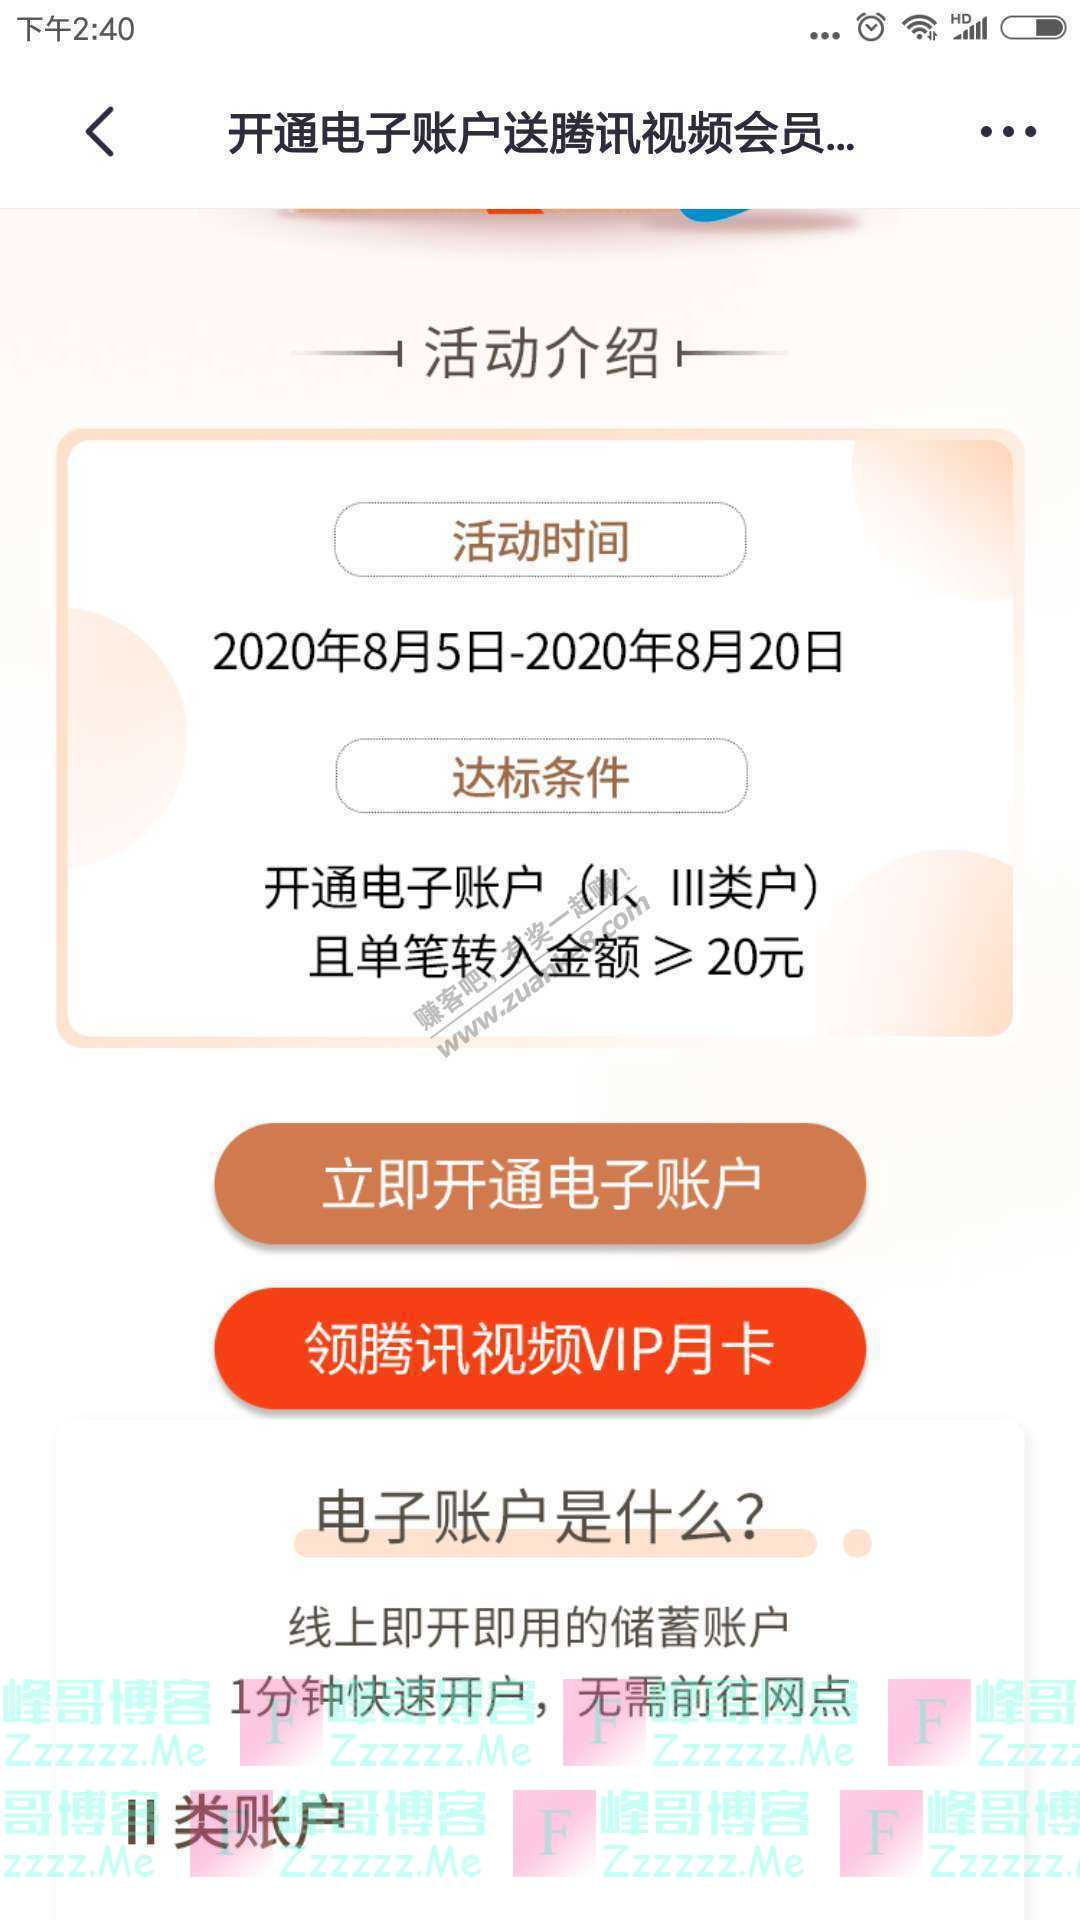 掌上生活APP开通电子账户送腾讯视频会员月卡(截止8月20日)